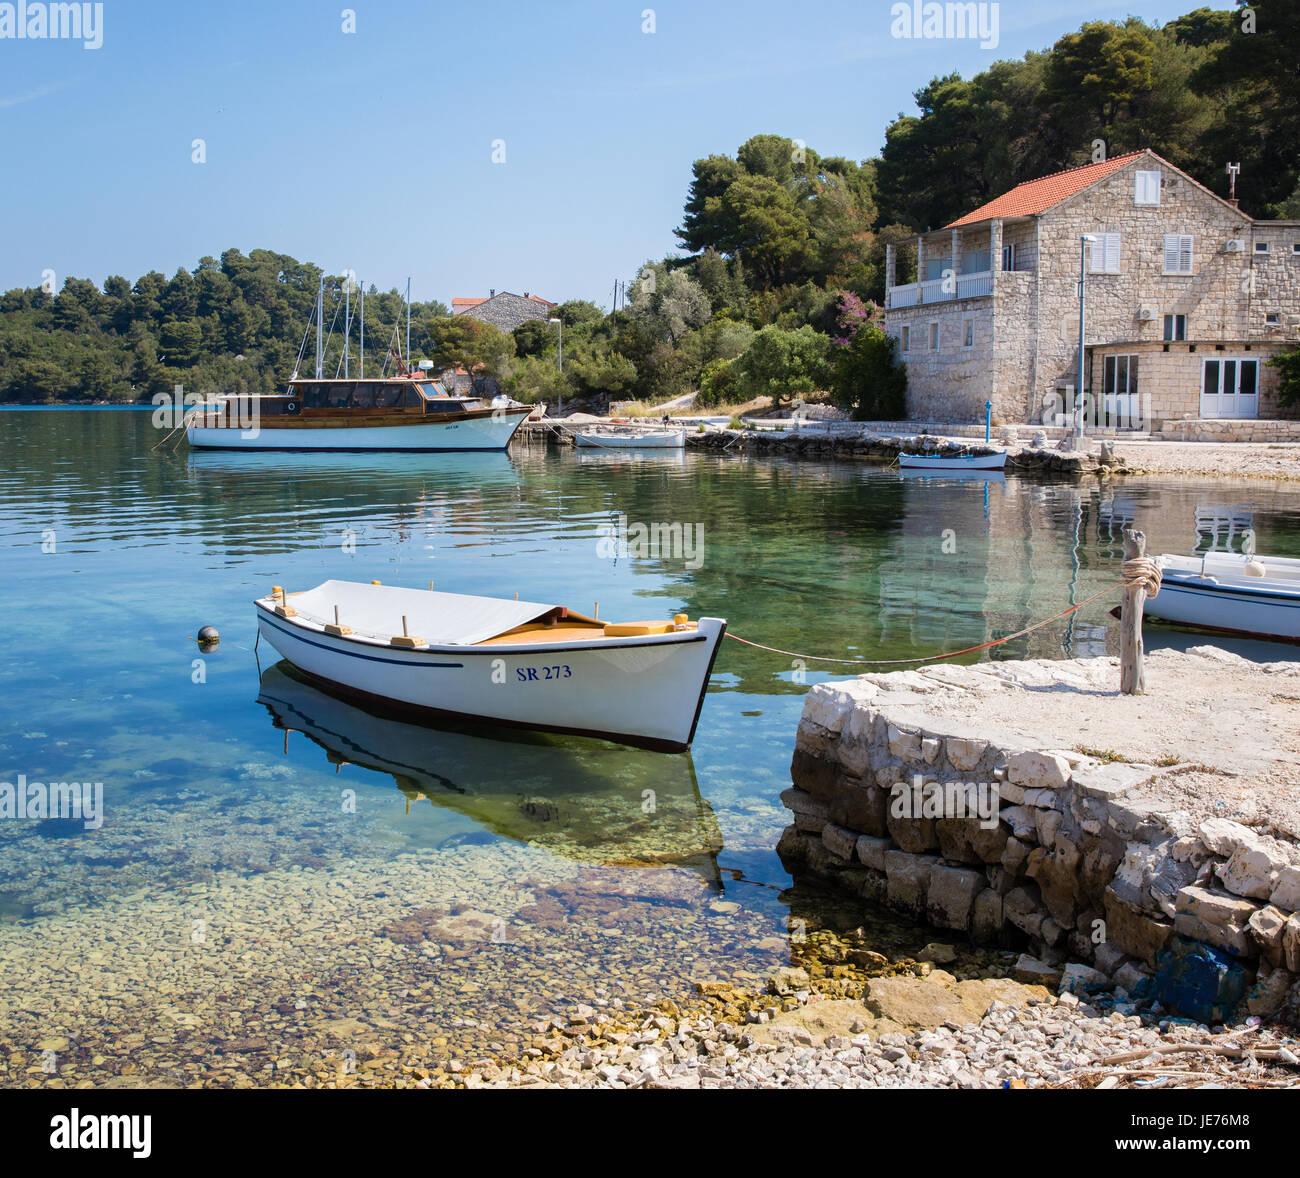 La località di villeggiatura di Pomena sulla costa occidentale dell'isola di Mljet in Croazia Immagini Stock